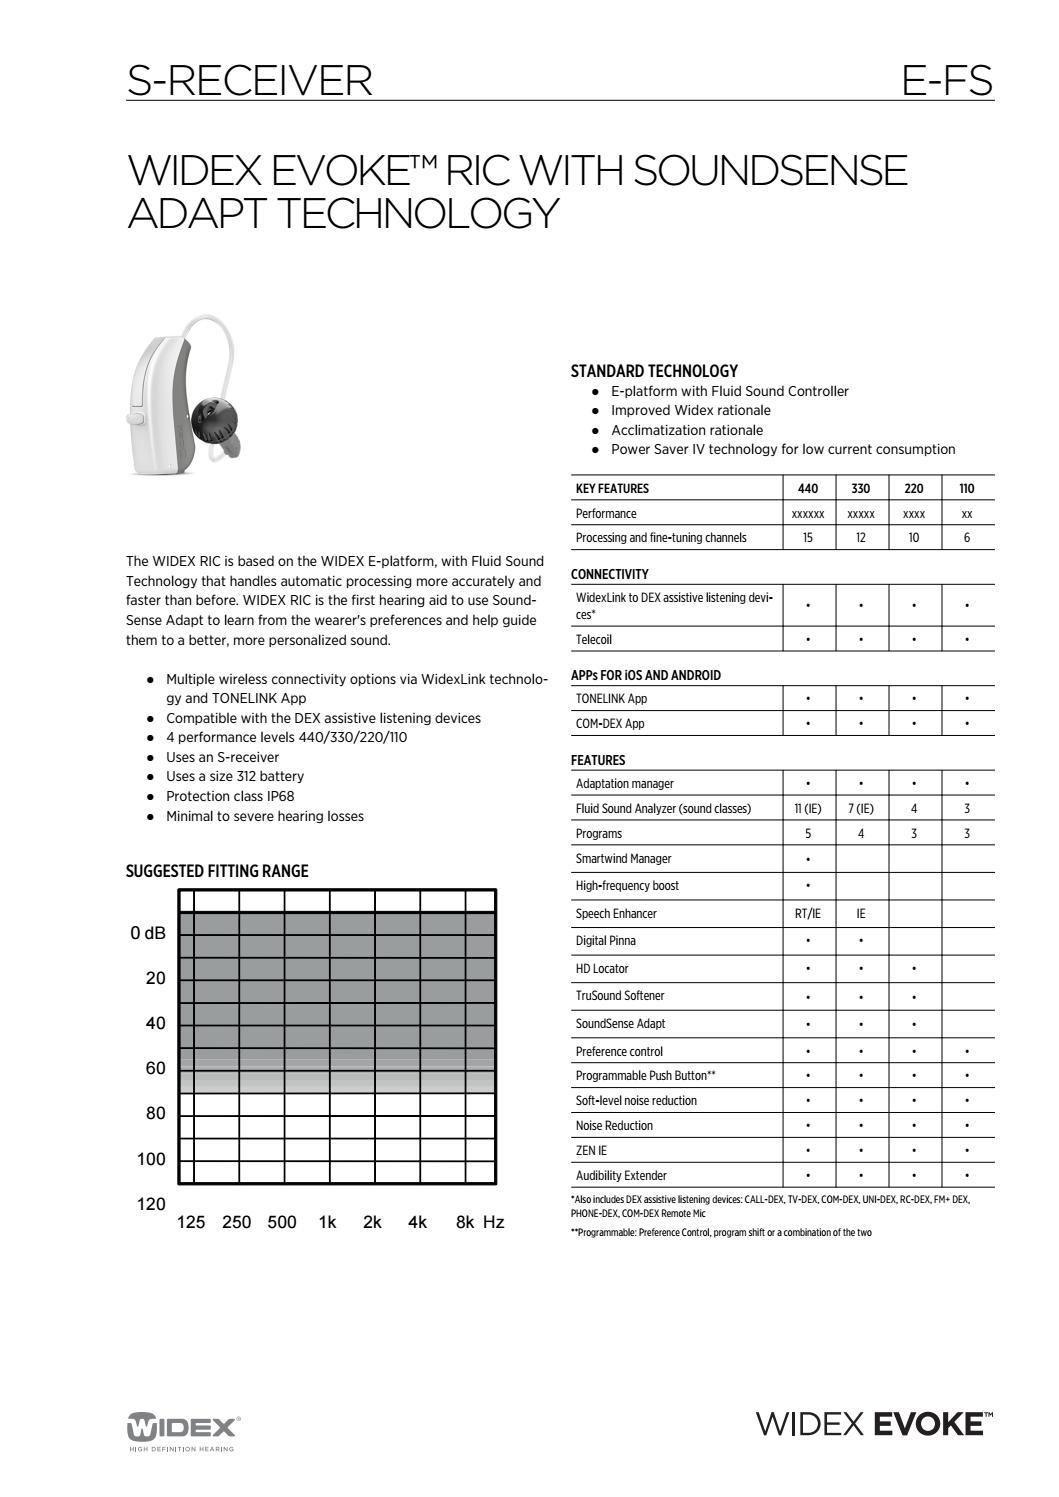 DDS259_EVOKE E-FS S Spec Sheet